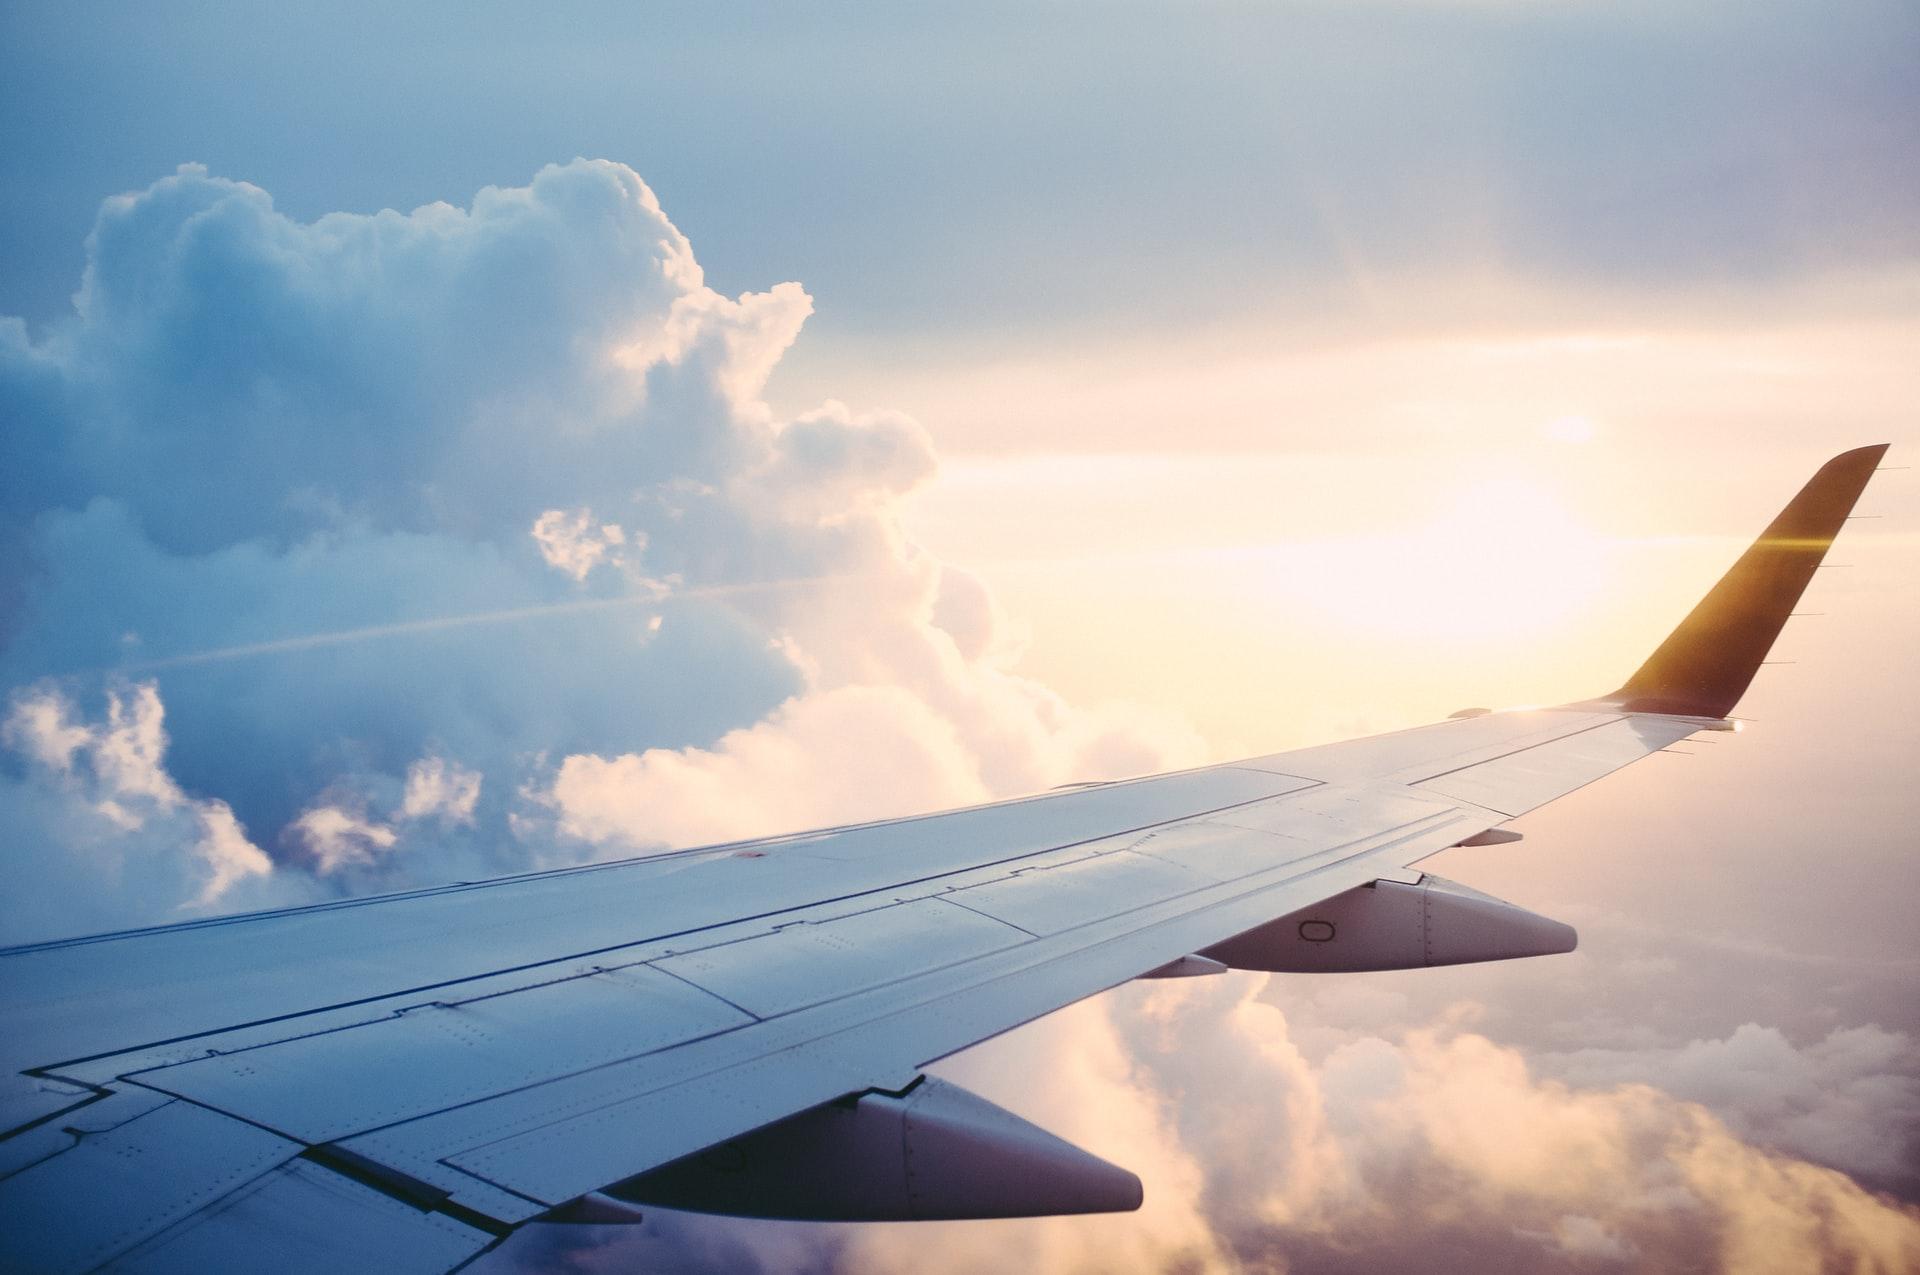 trovare voli economici offerte biglietti aerei trucchi